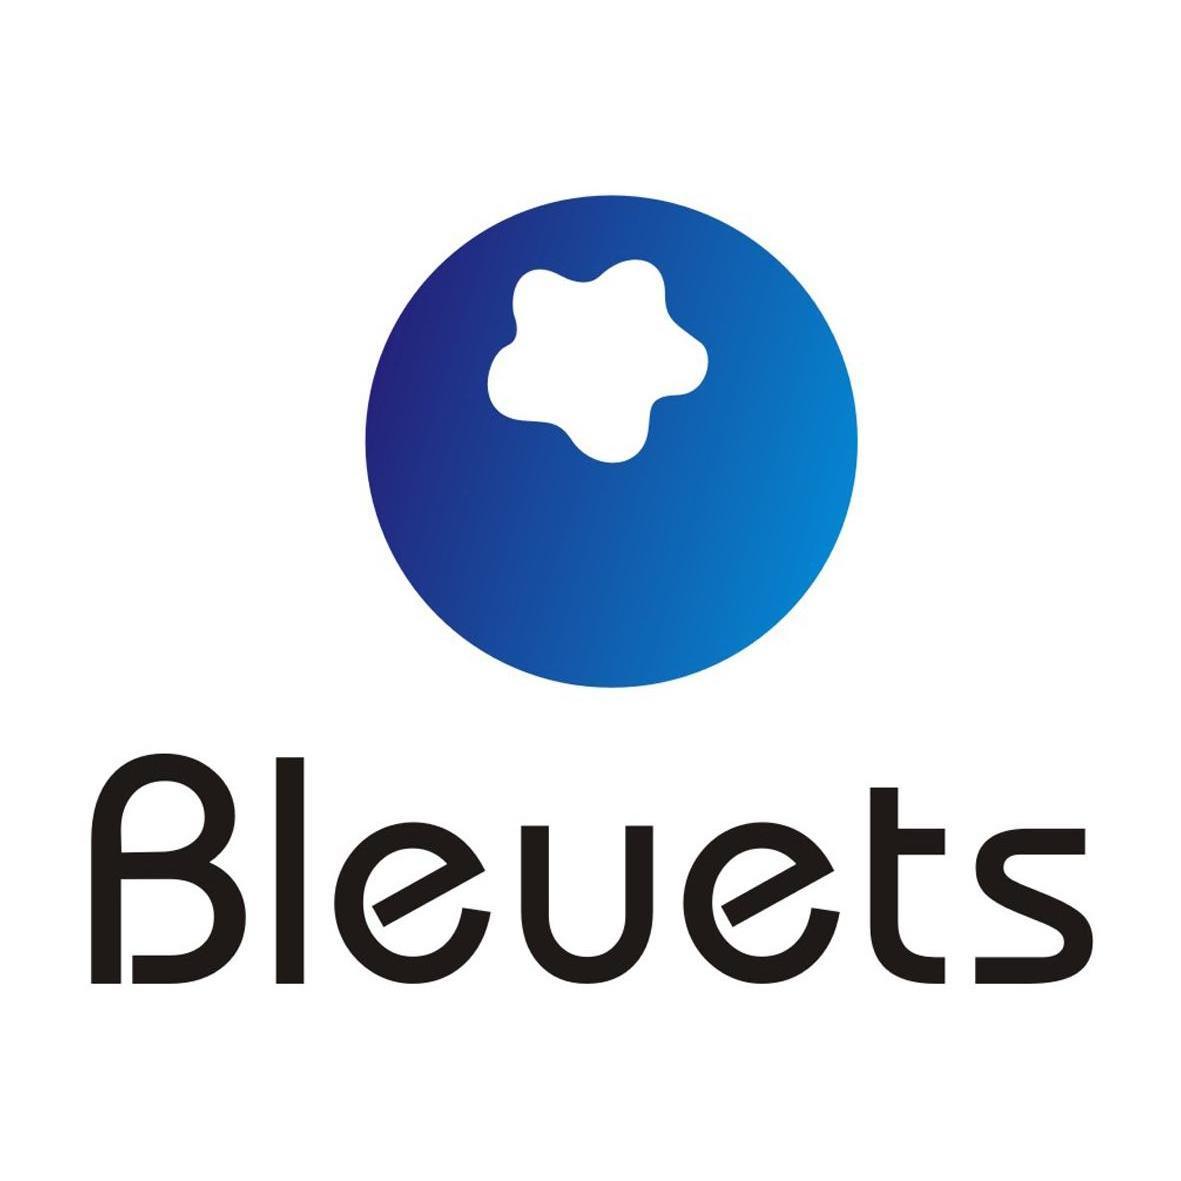 BLEUETS商标转让